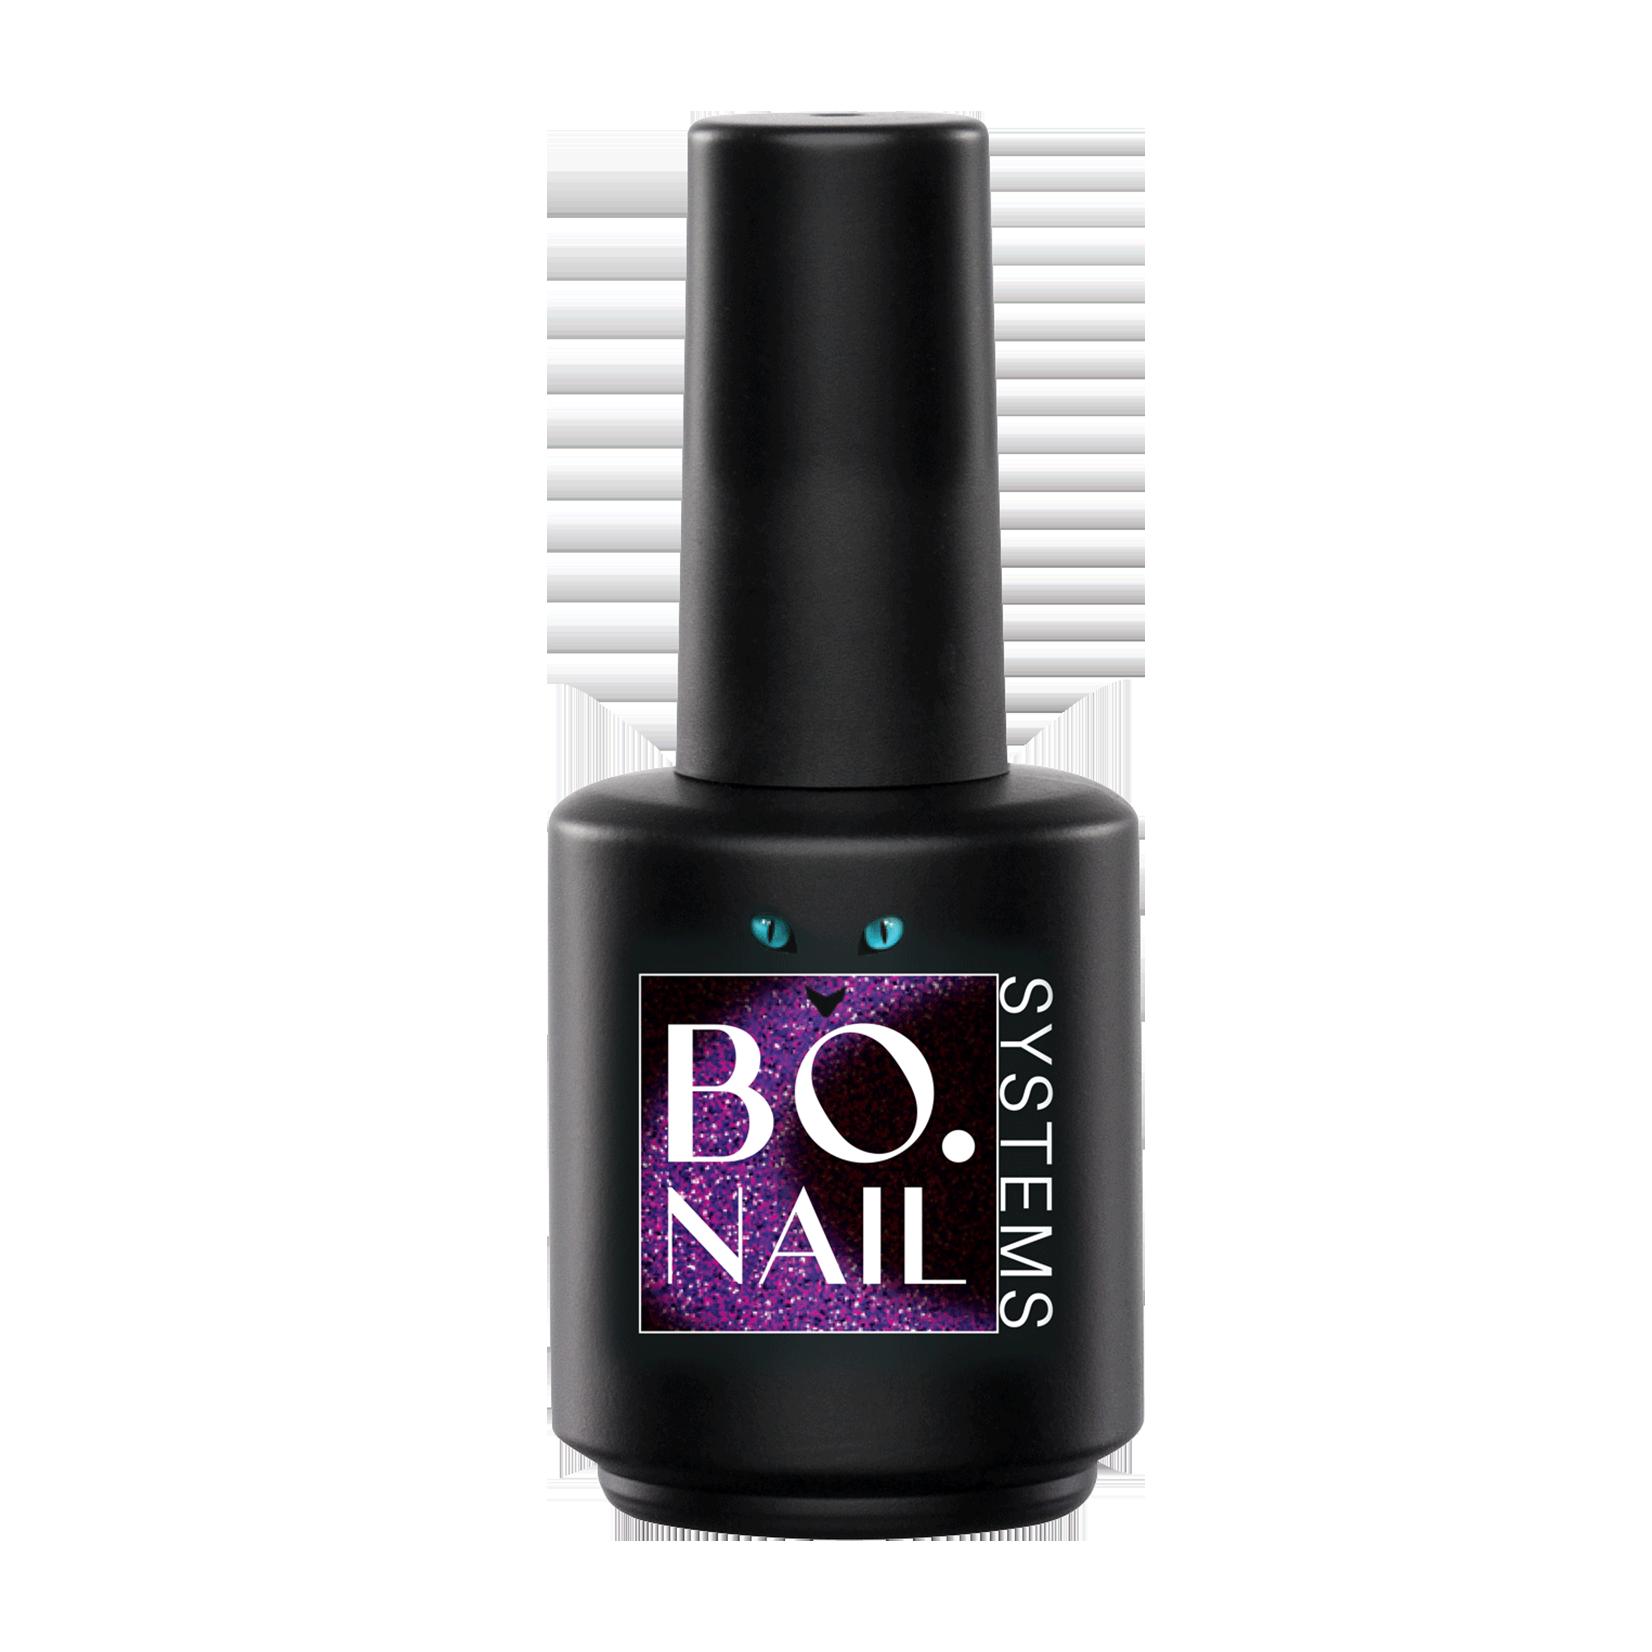 BO. Cat Eye #002 Pounced on Purple (15ml)